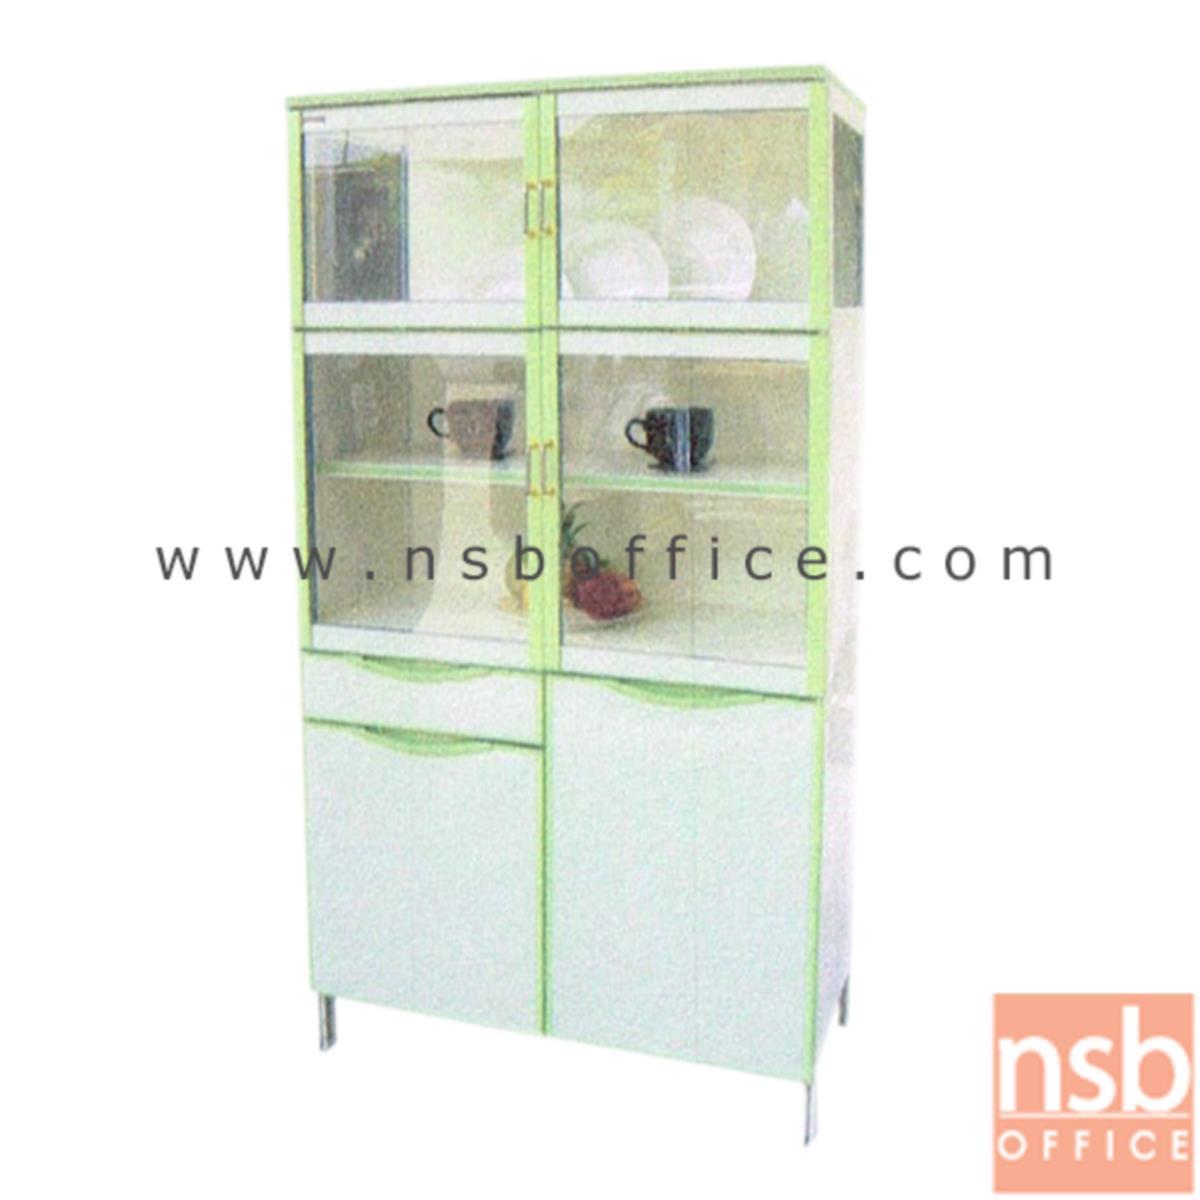 G07A110:ตู้ครัวสูงอลูมิเนียม สูง 170 ซม.  ขนาด 90W*47D*170H cm.